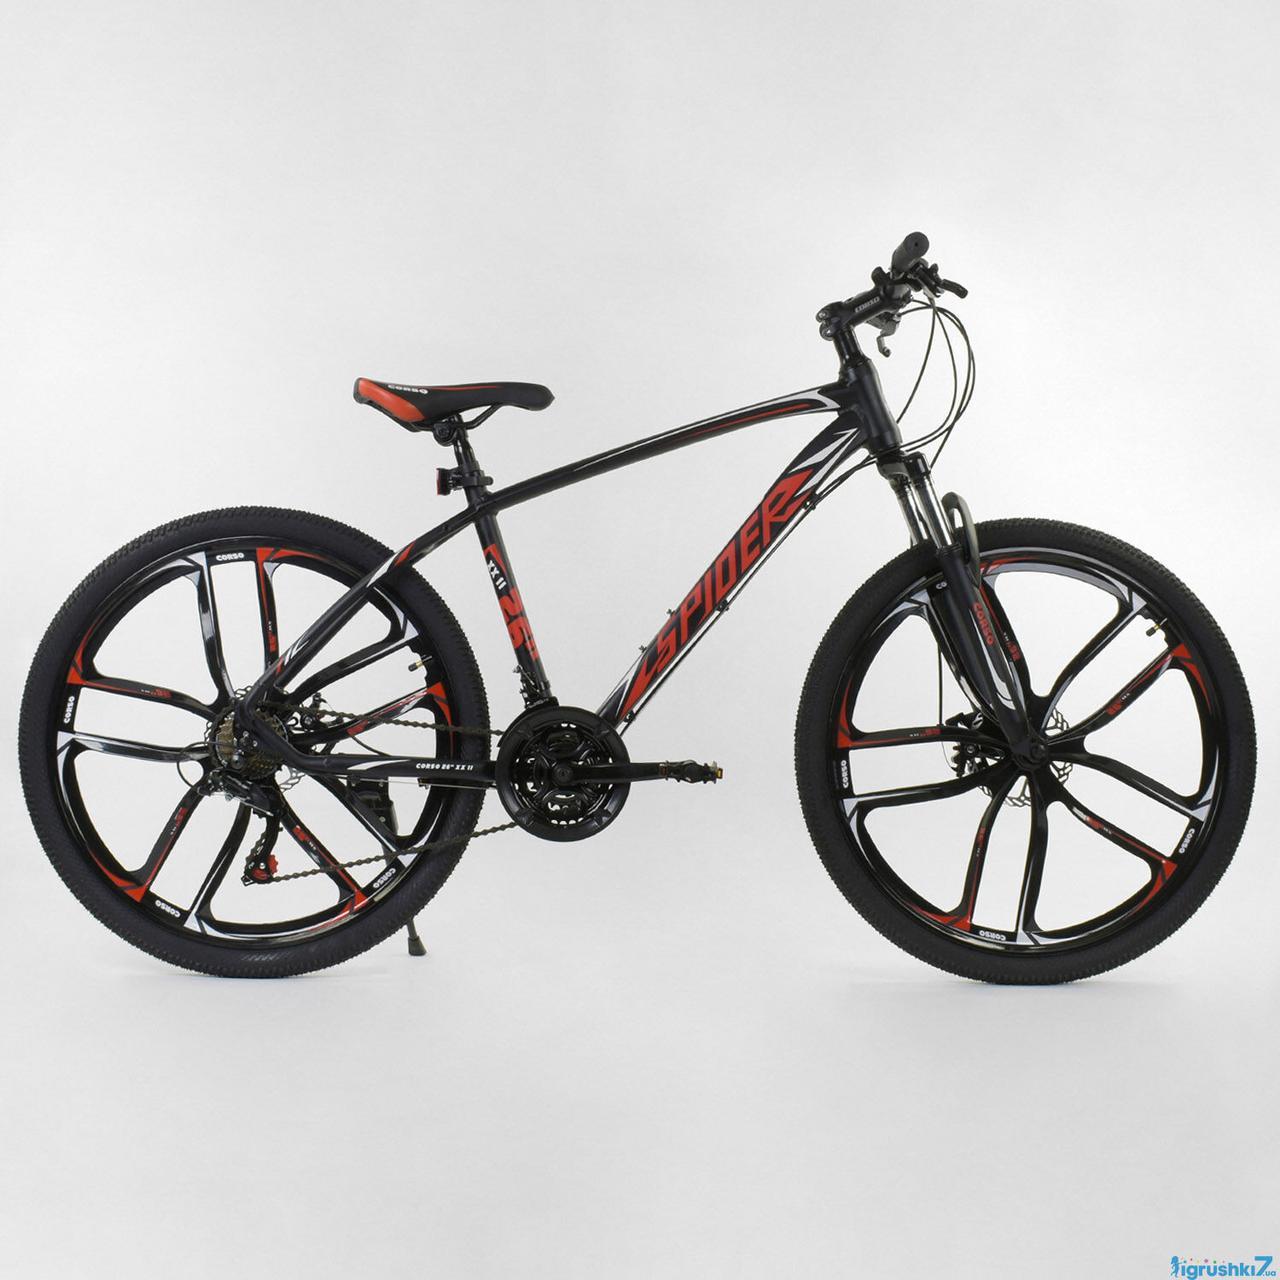 """Велосипед Спортивный CORSO 26""""дюймов 34538 SPIDER (1) рама алюминиевая 17.5'', 21 скорость, собран на 75%"""